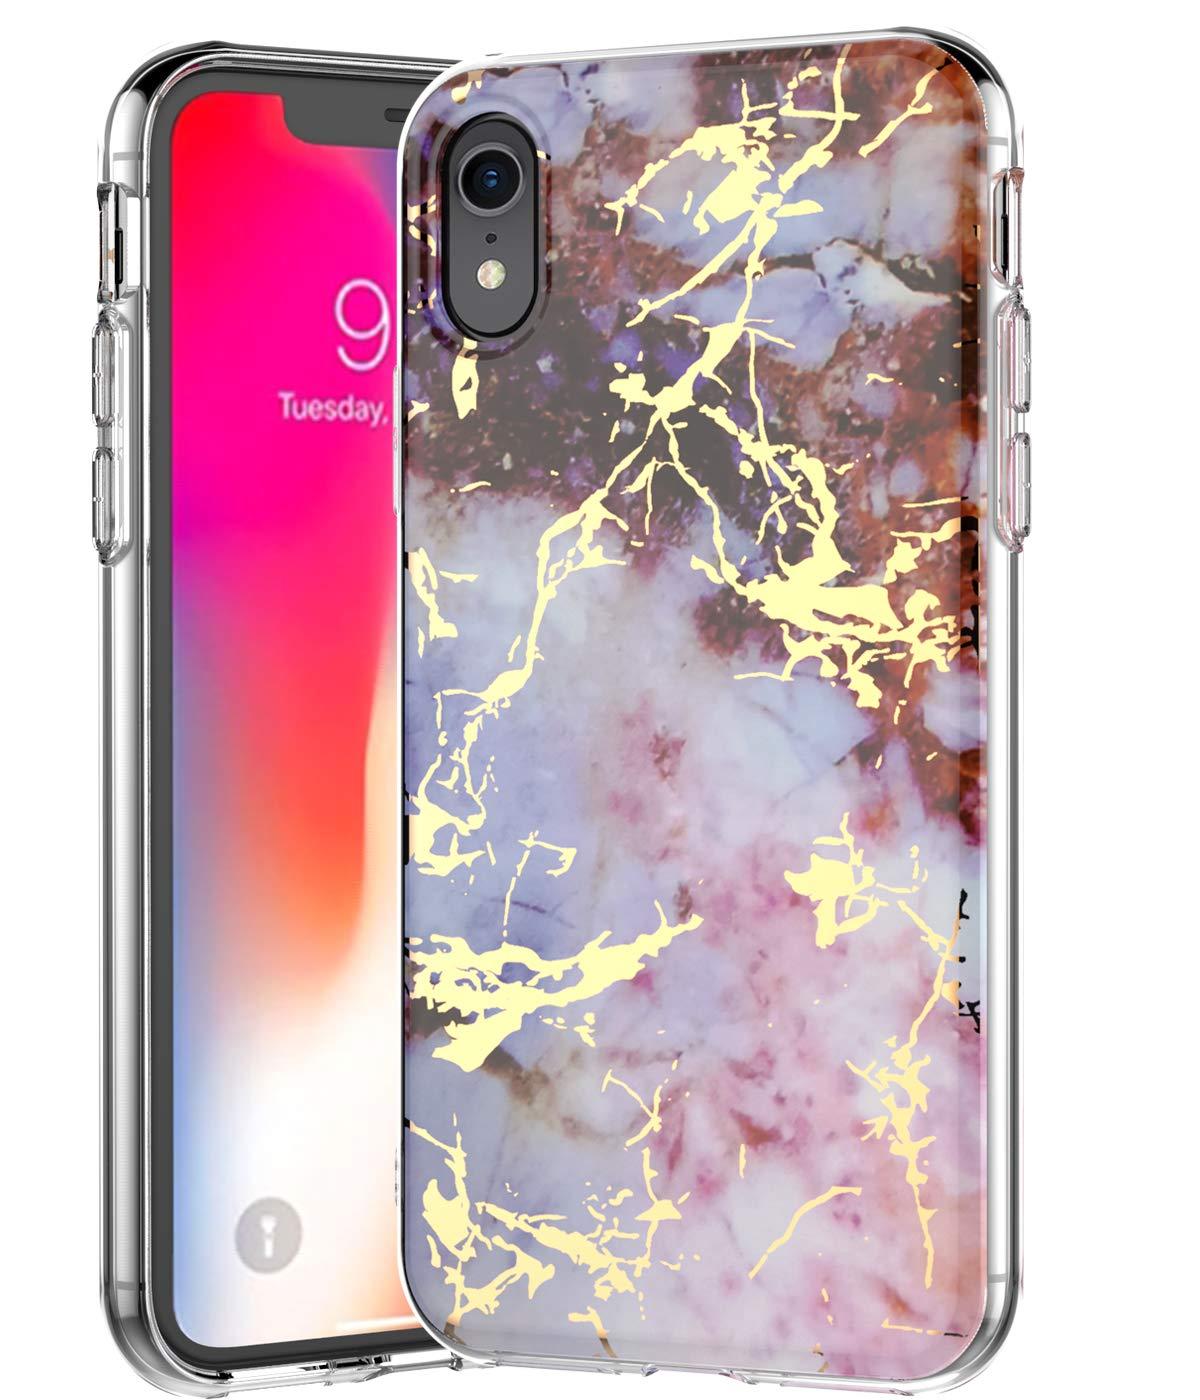 BSLVWG iPhone XR Coque, ultraplat, marbre Motif Pierre arrière Rigide Hybride TPU Souple Bords surélevés Fin Coque de Protection Coque antichocs pour iPhone XR 15,5cm